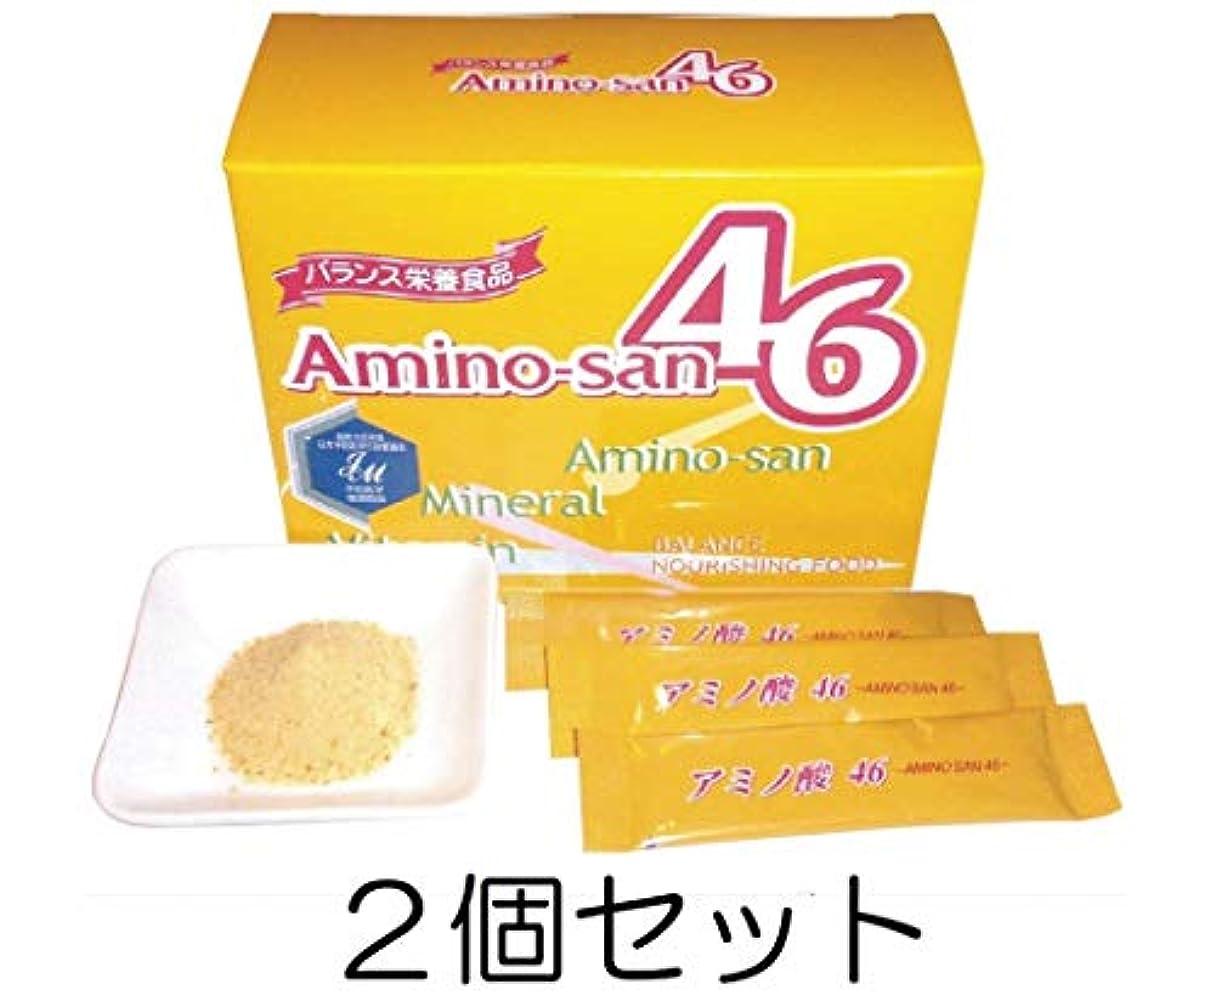 避けるカリング完了【 アミノ酸46 (3g×60本?1か月分)×2箱セット】ポーレン(蜂蜜花粉)含有 サプリメント